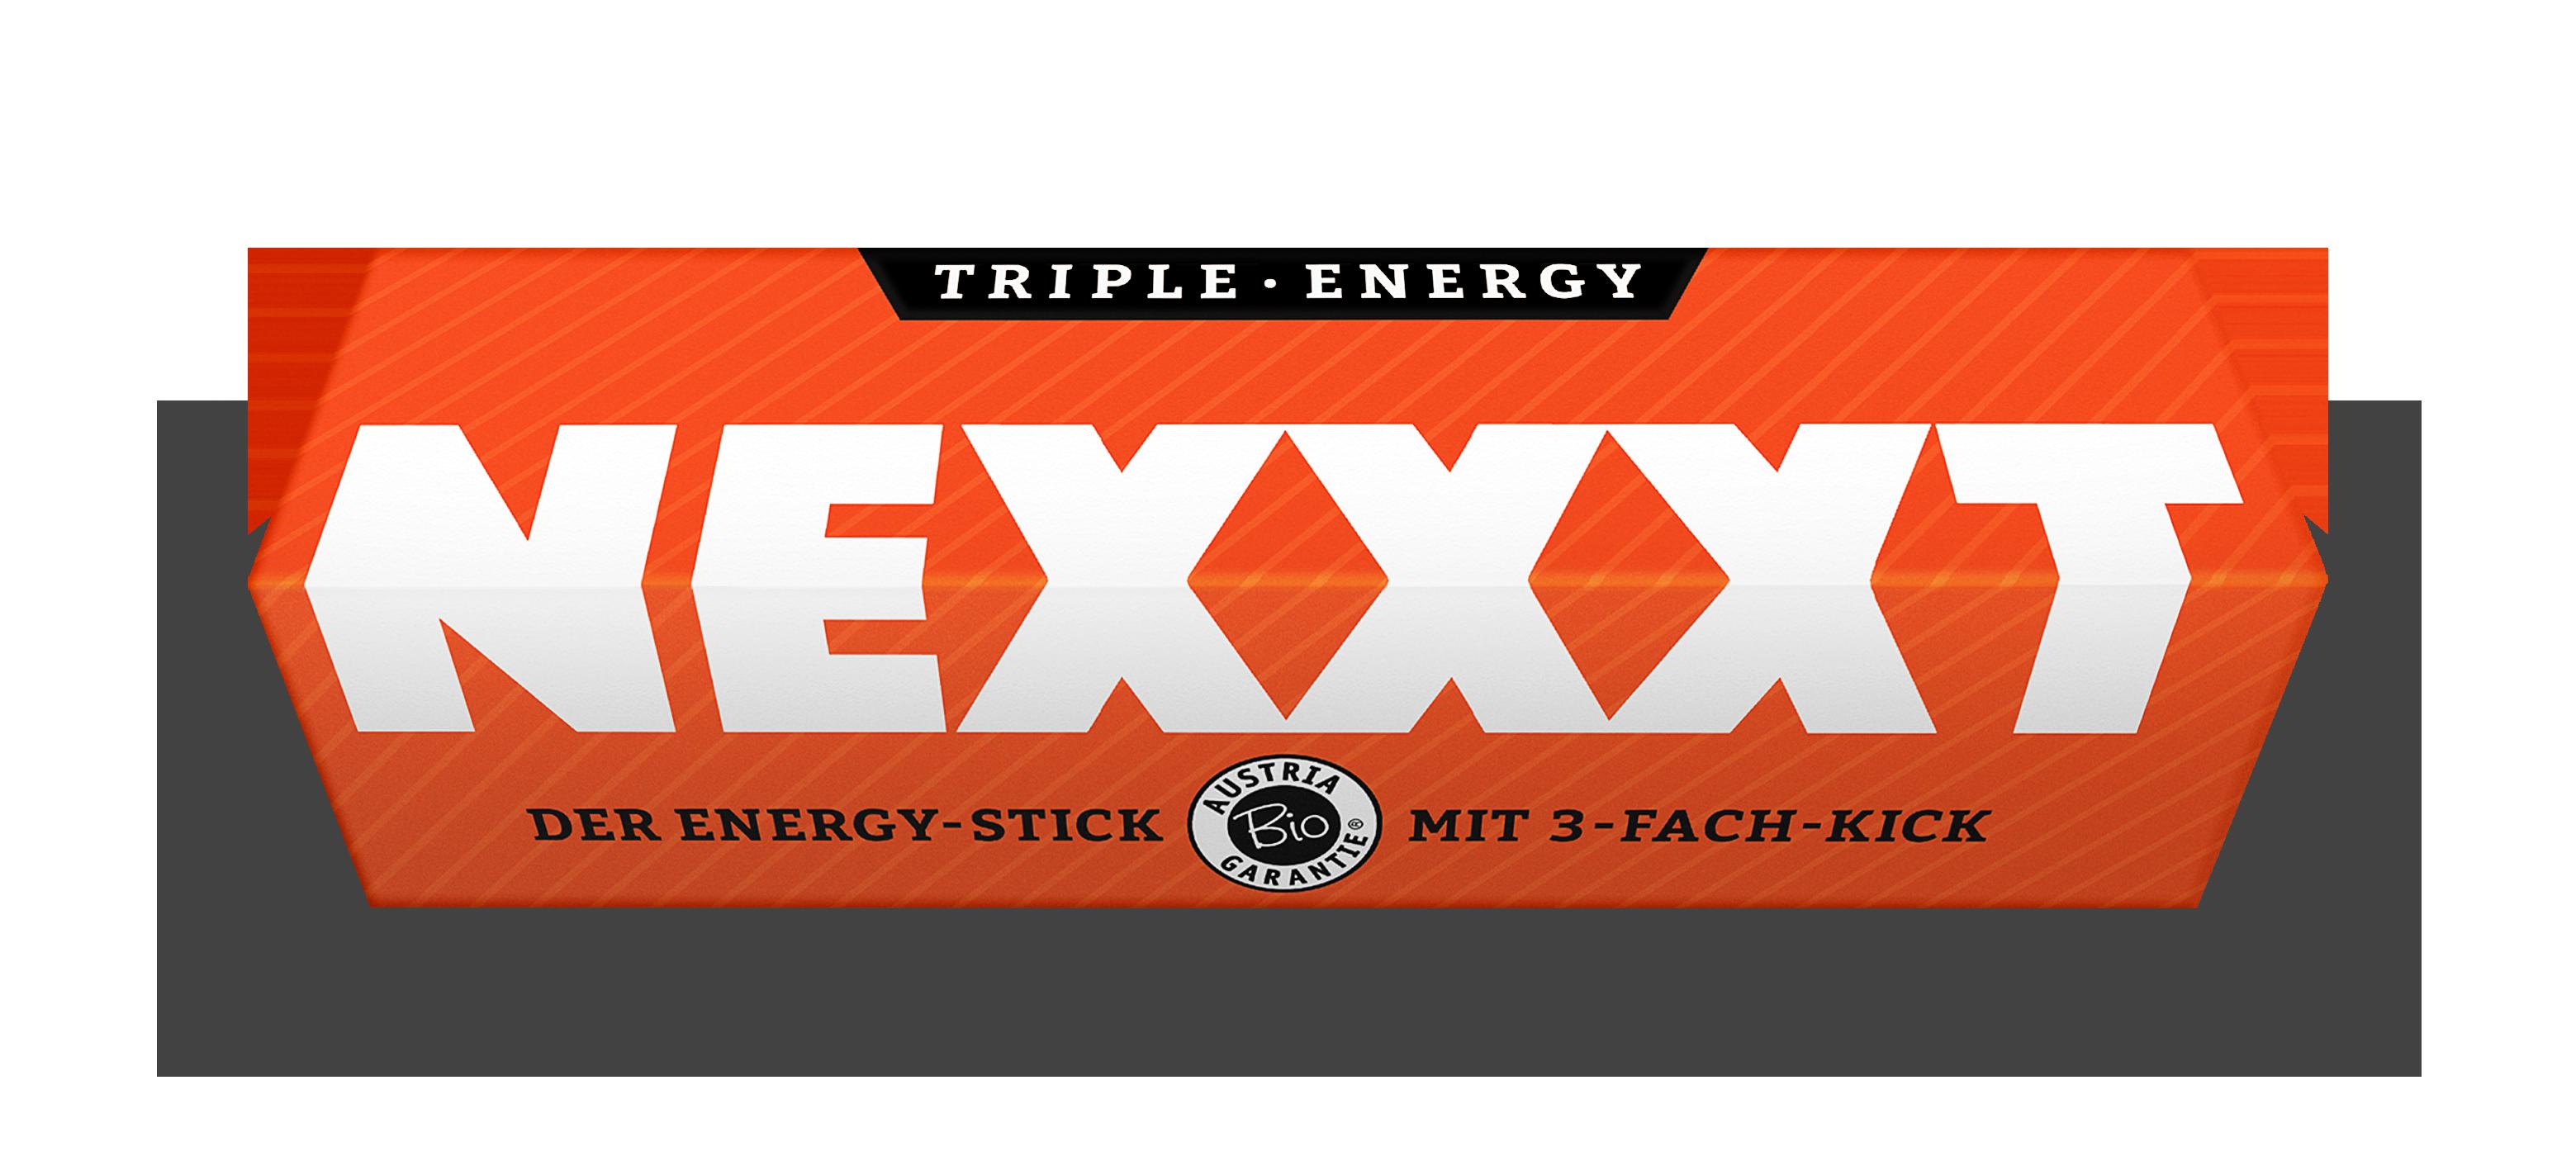 NEXXXT_Energy_Stick_sRGB